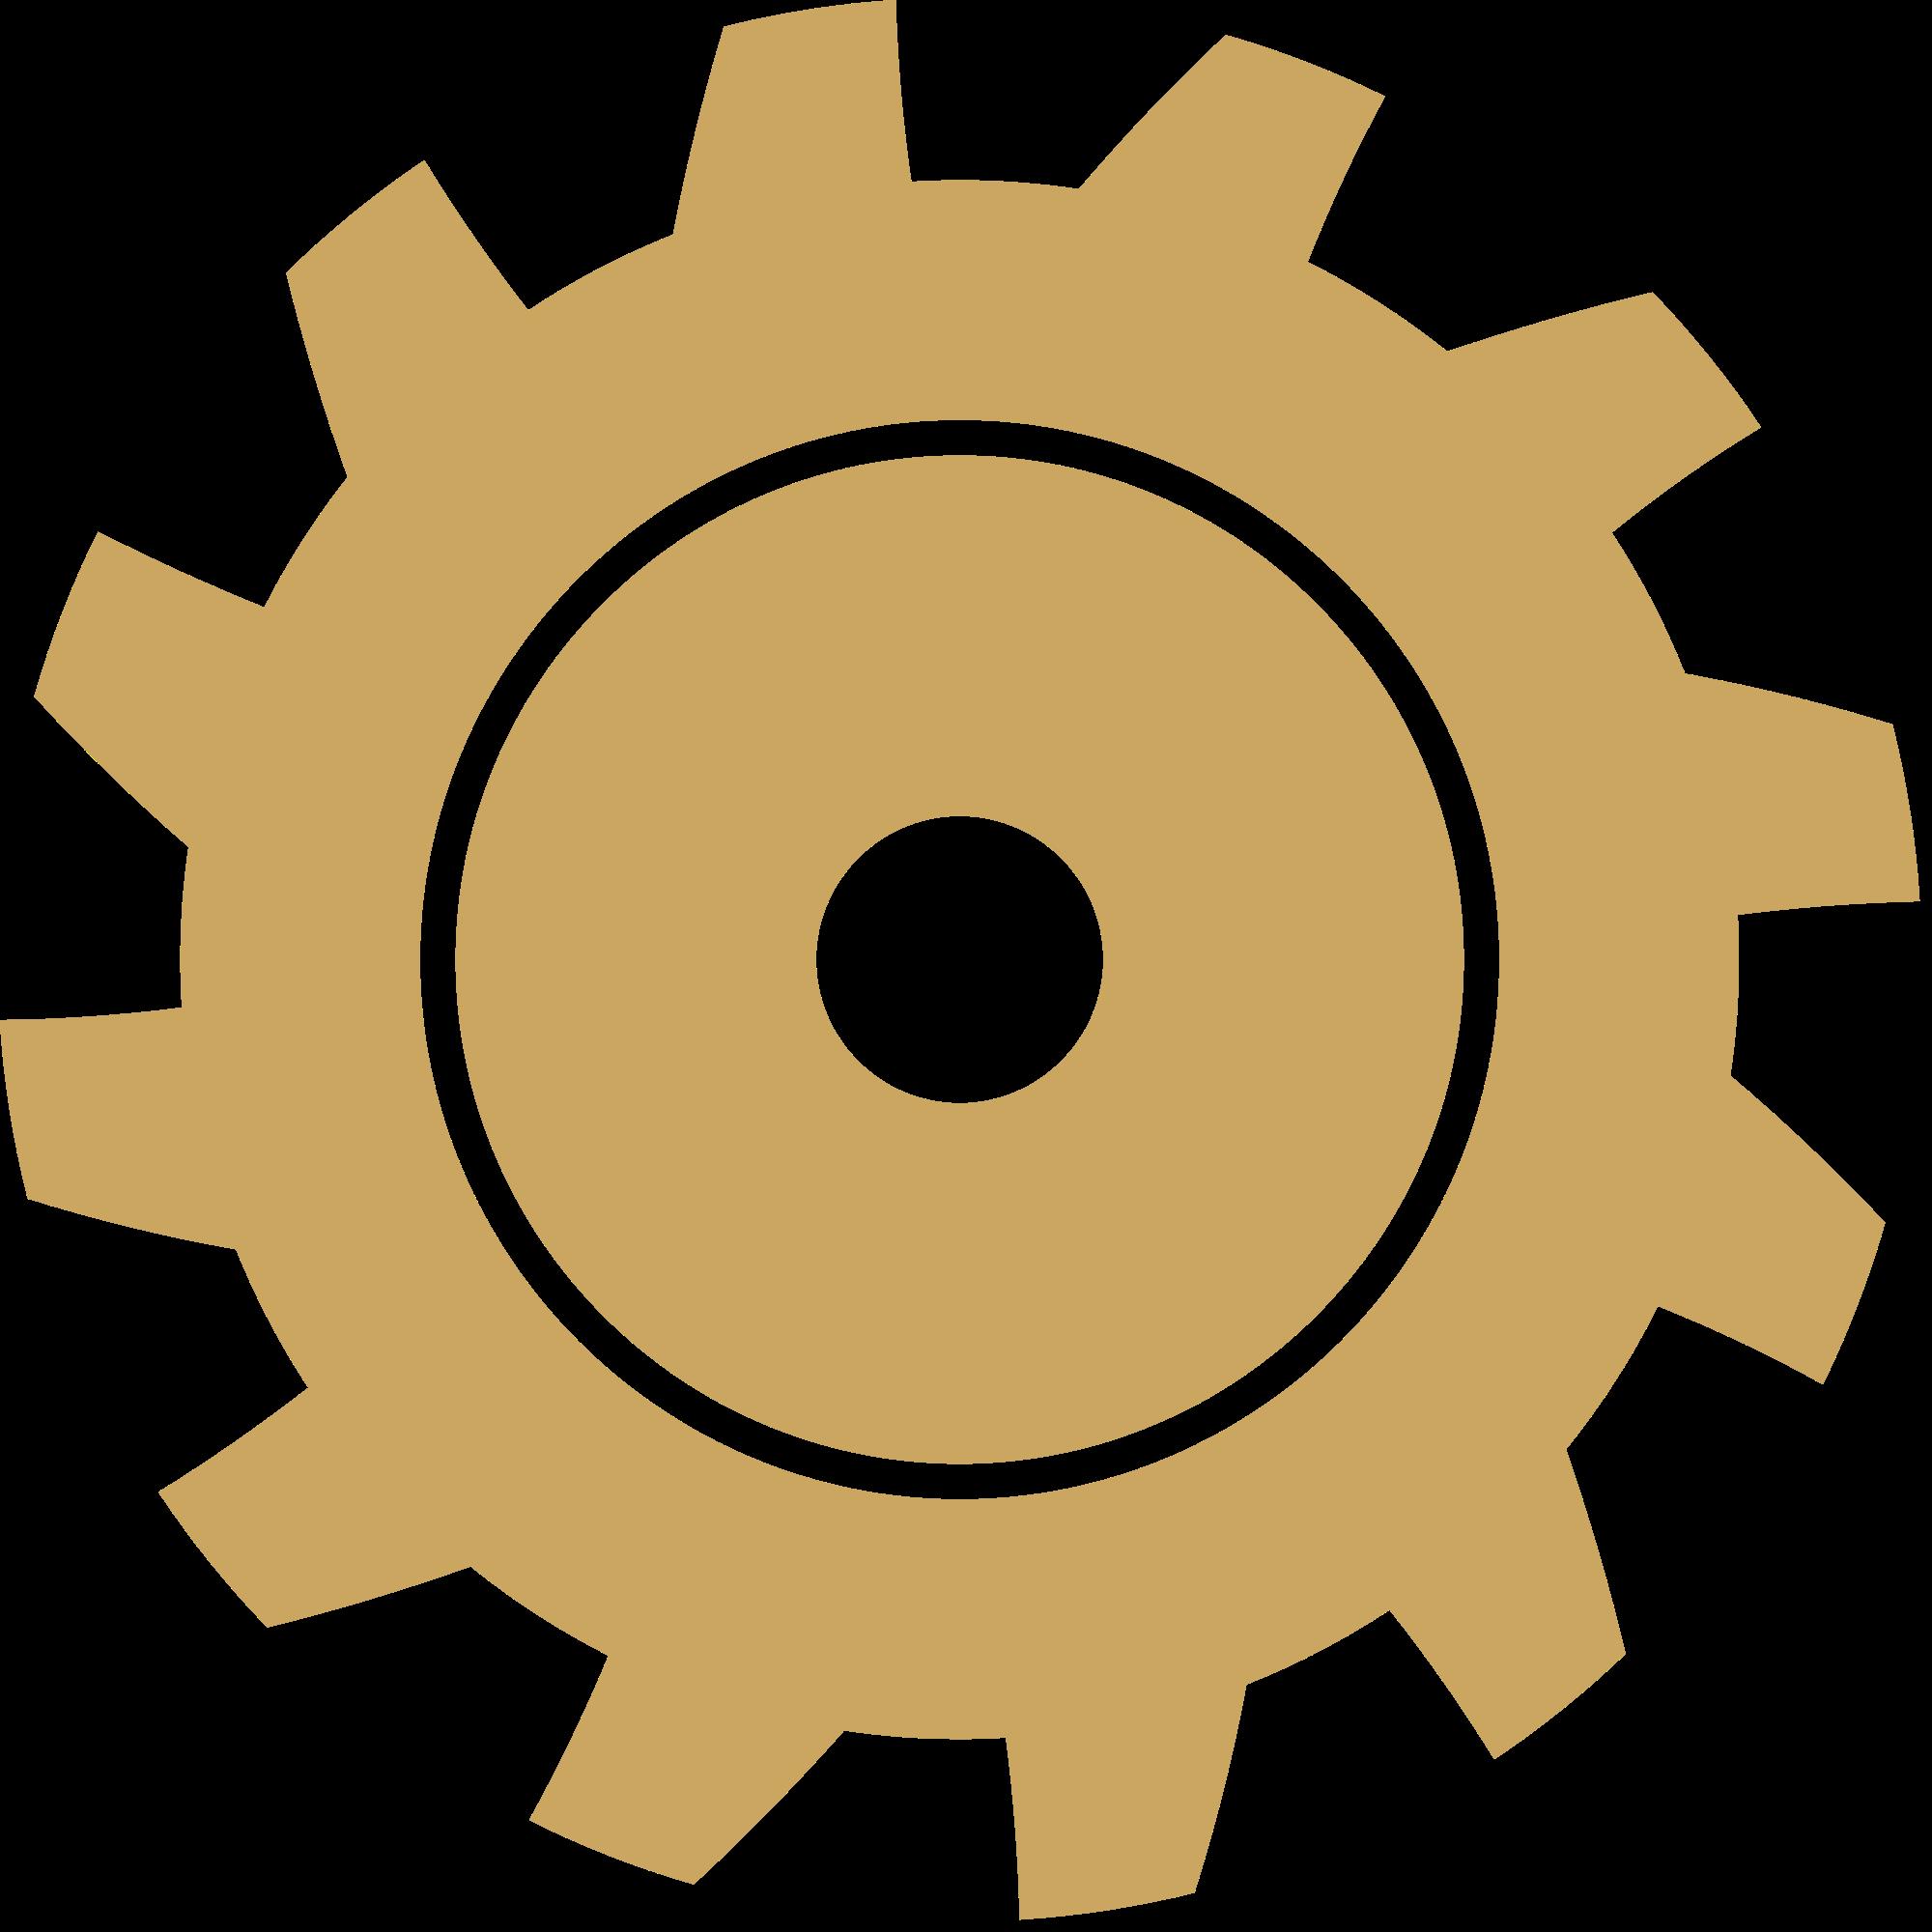 Gears clipart gear shape. File gold svg wikimedia